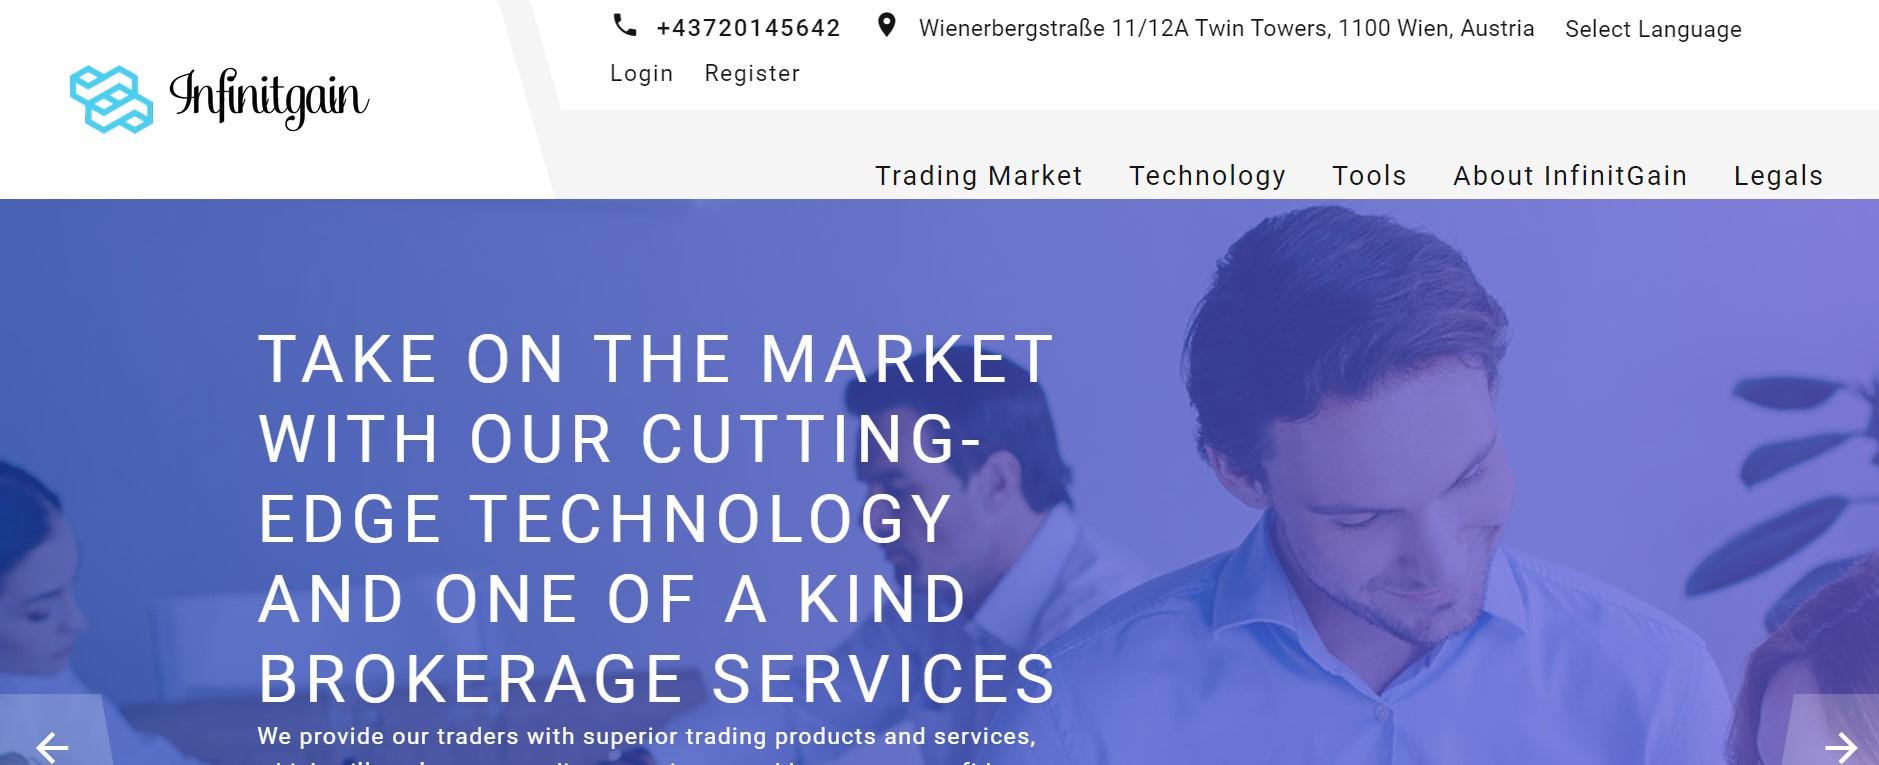 Infinitgain website